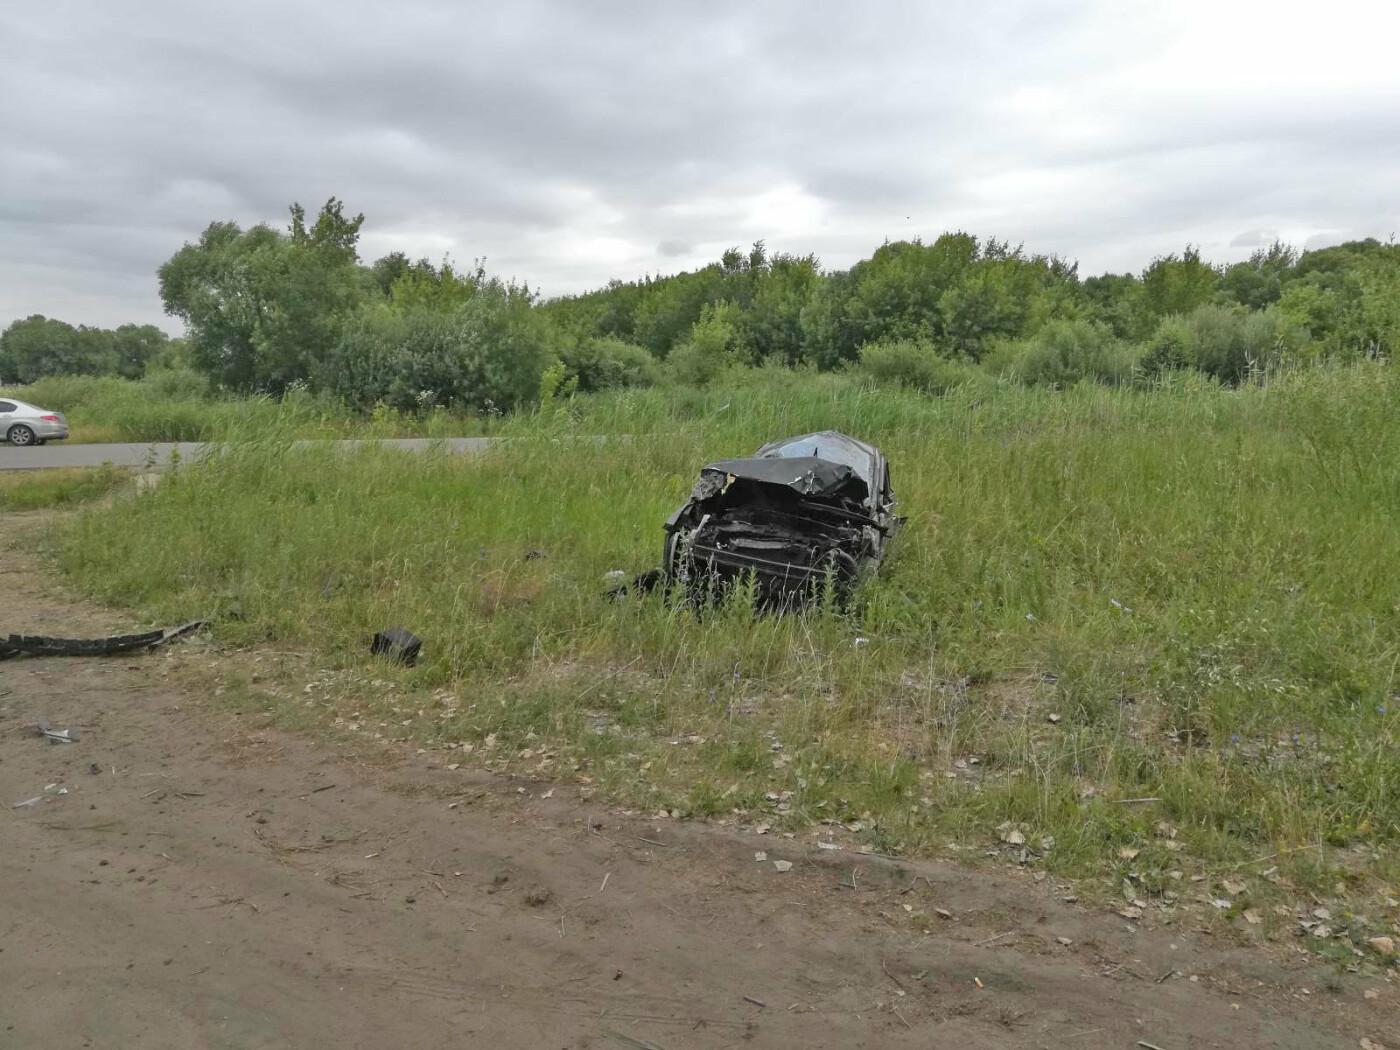 В Тамбовской области на проселочной дороге перевернулась иномарка: пострадала школьница, фото-1